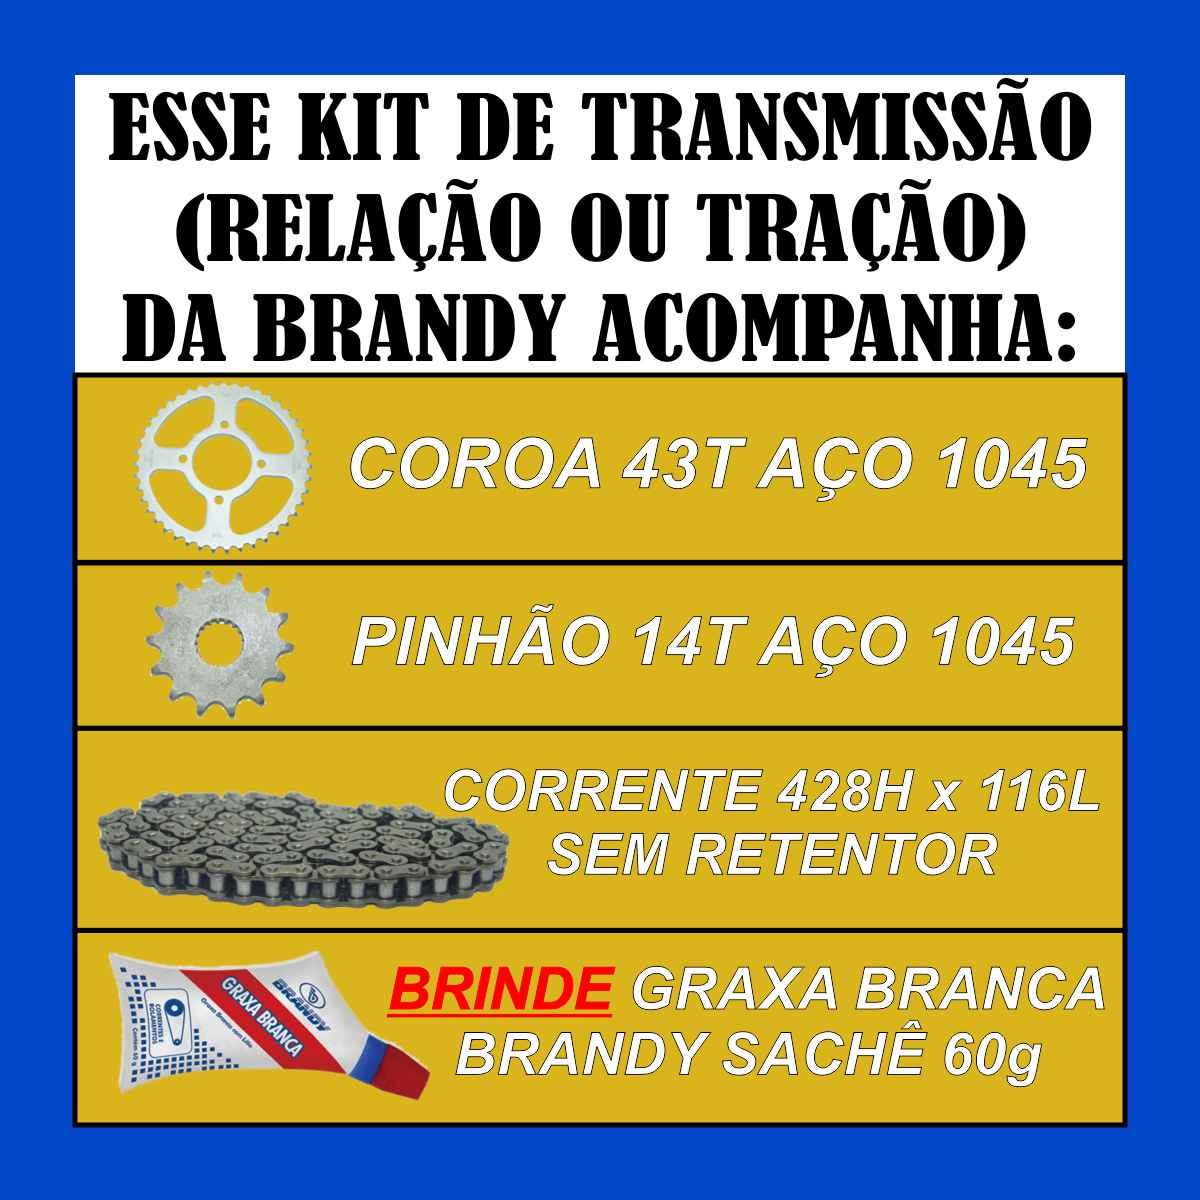 KIT RELAÇÃO TRANSMISSÃO REFORÇADA MOTO SUZUKI EN 125 YES SE DE TRAÇÃO + GRAXA LUBRIFICANTE SACHÊ 60g